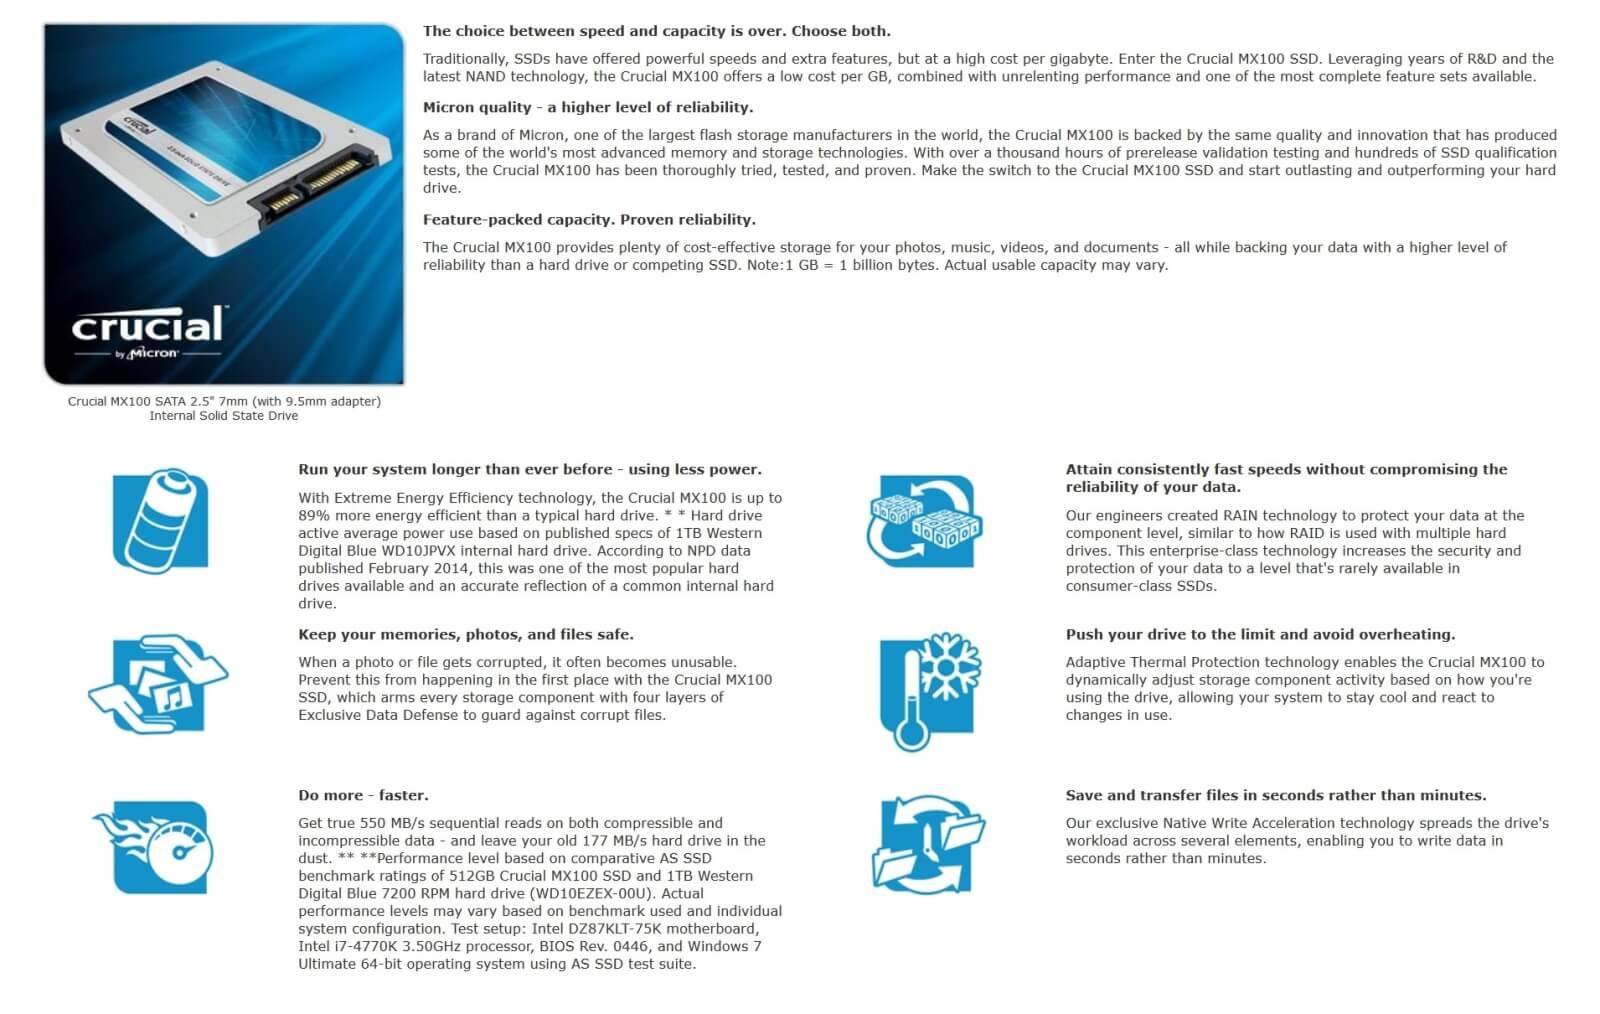 Crucial MX100 product description